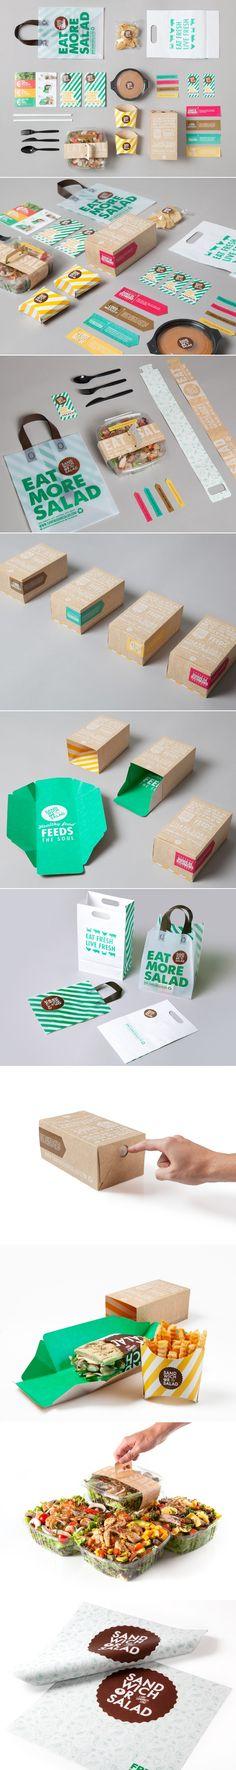 Combinatie veel kleur en hout tint erg mooi  http://www.brandingserved.com/gallery/Sandwich-or-Salad/7446721